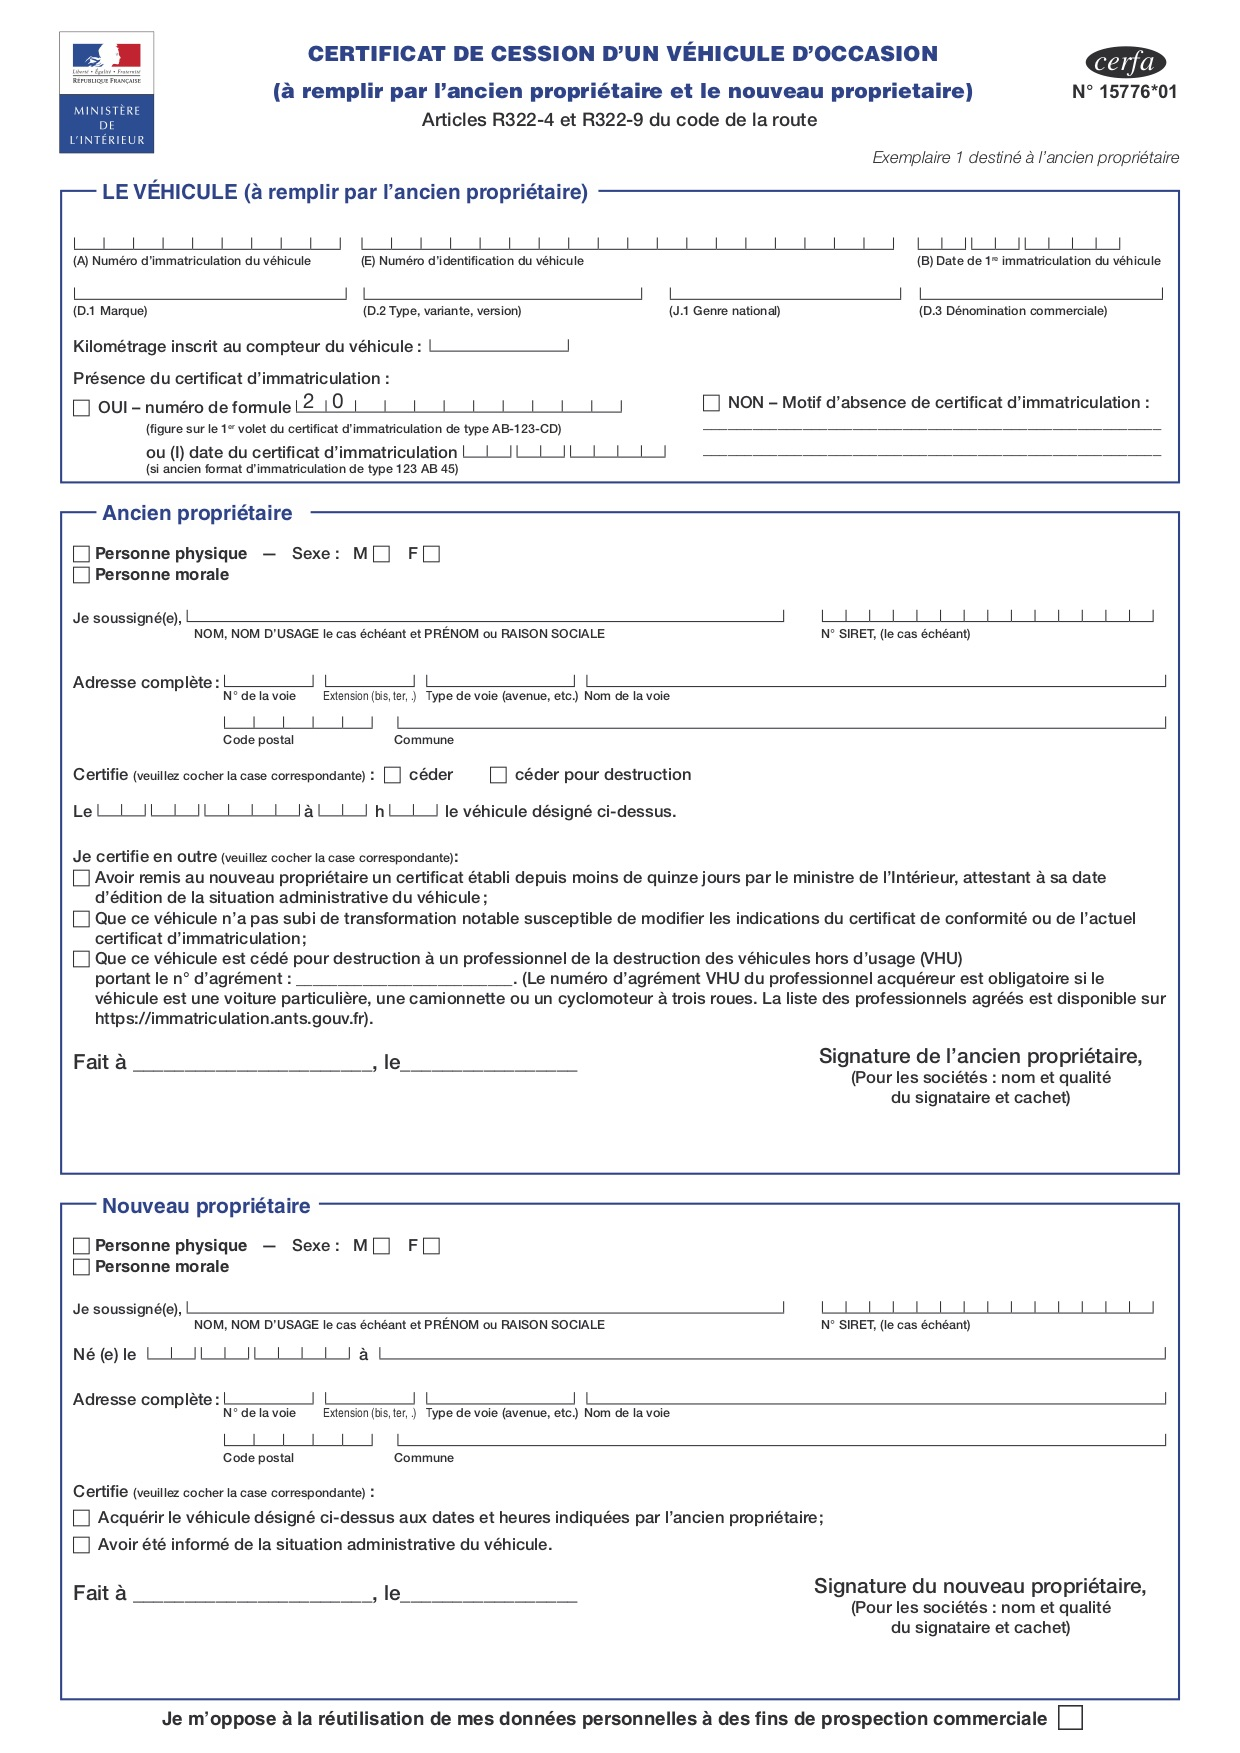 Declaration De Cession Ou Aussi Appele Formulaire Cerfa 15776 01